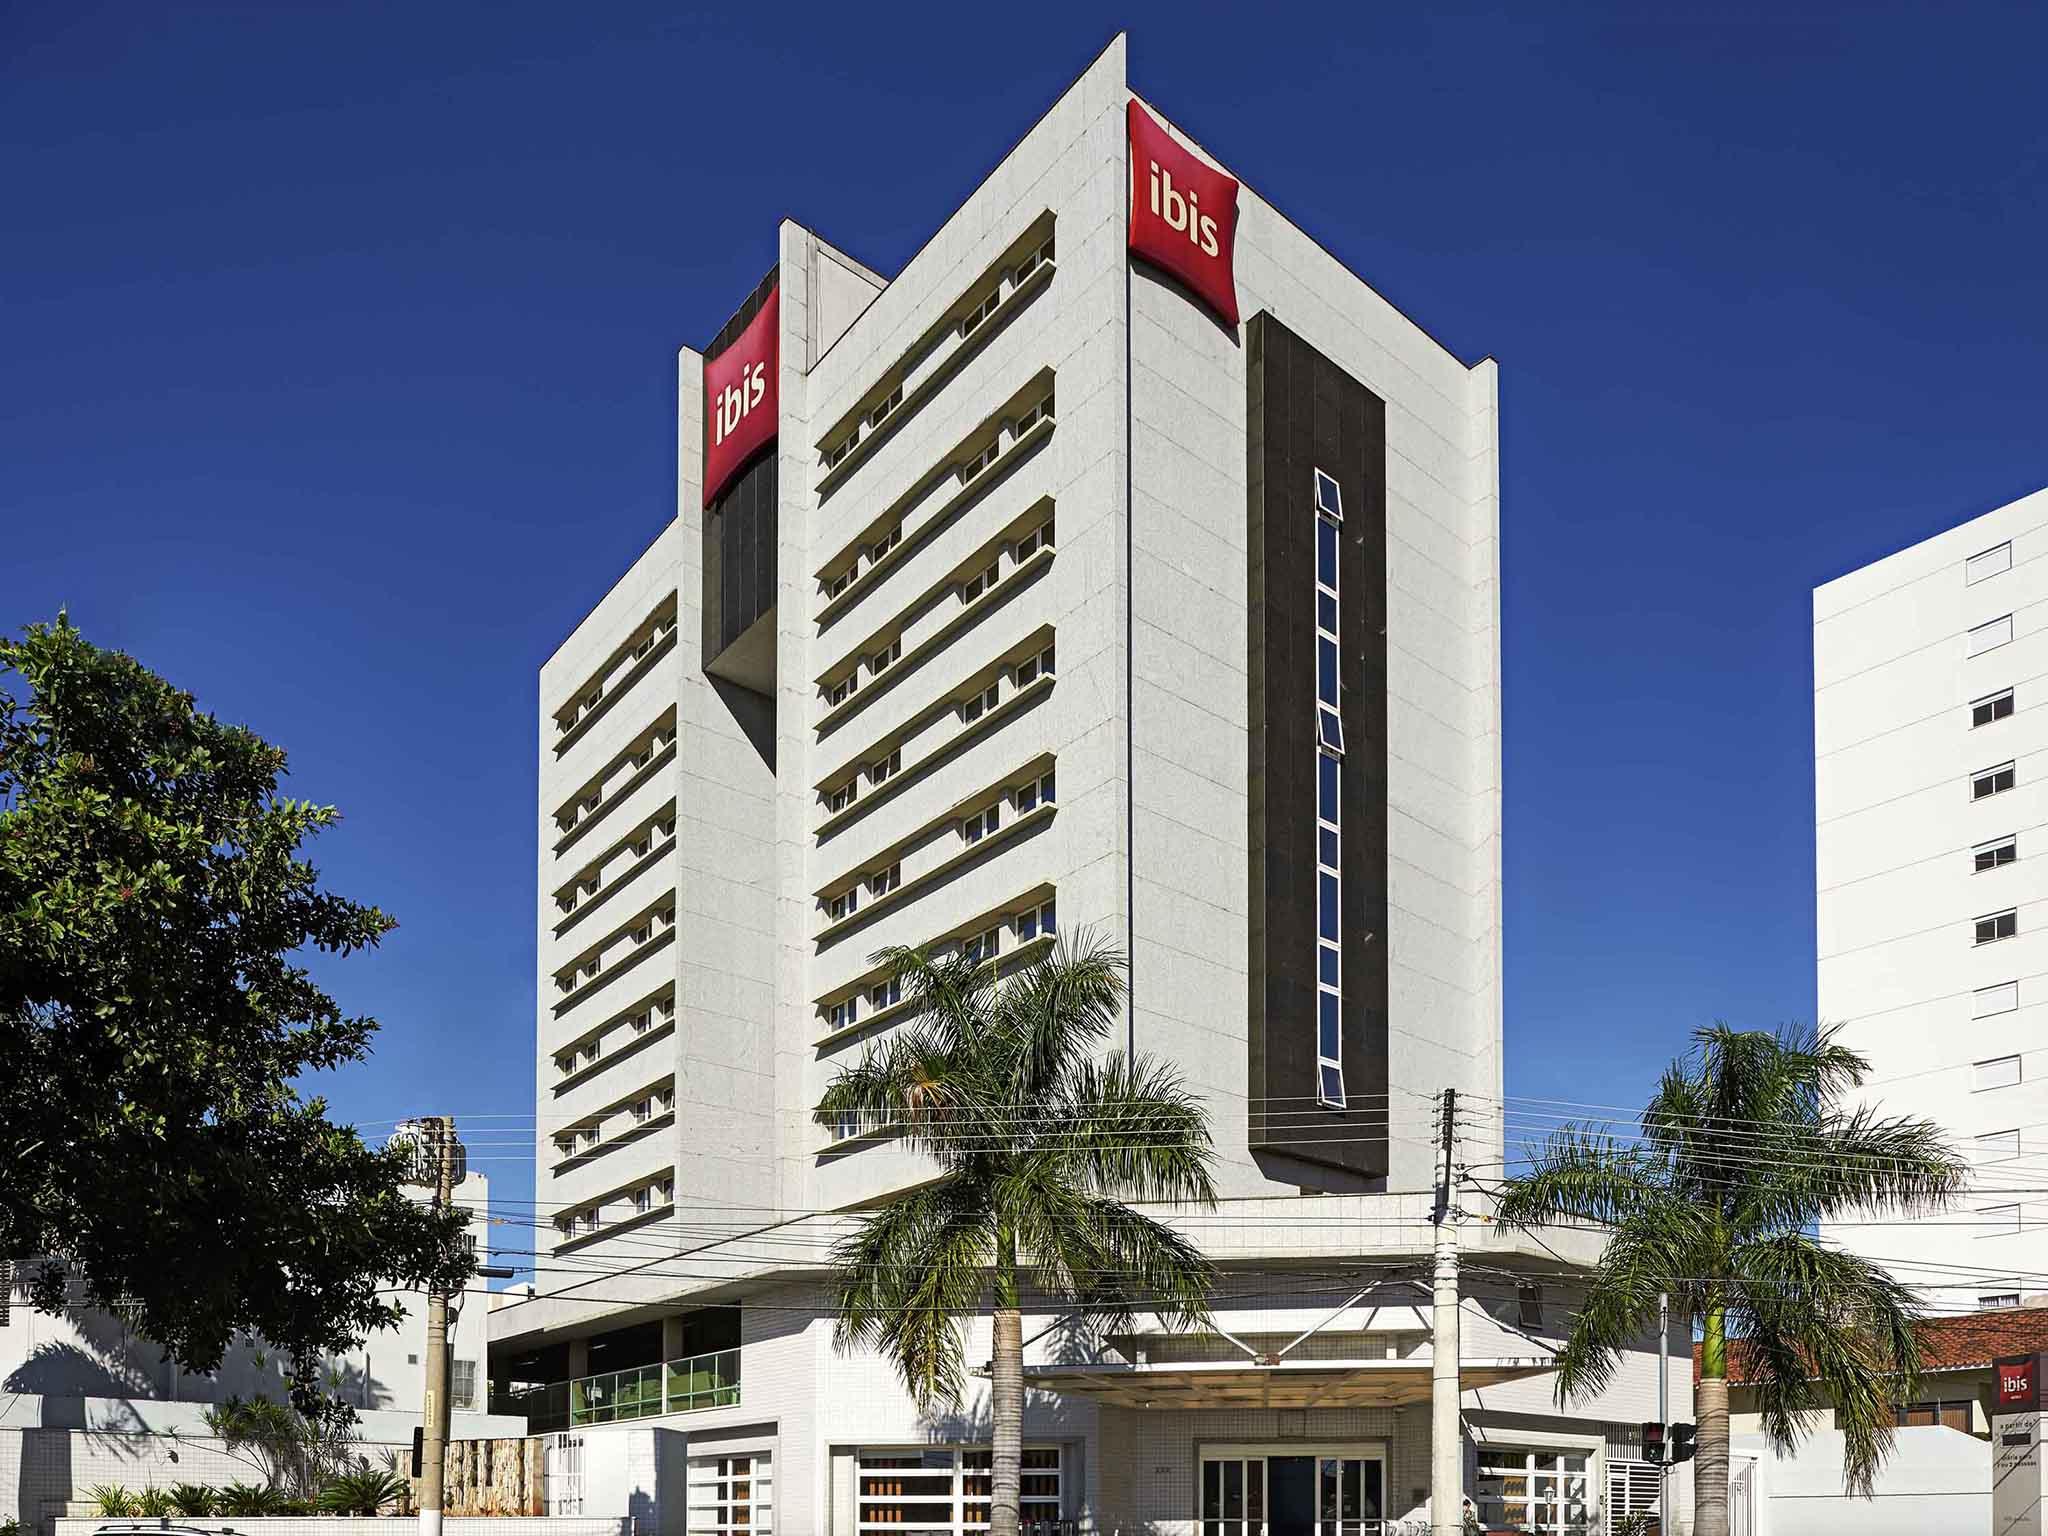 Ibis Hotel, no Setor Oeste | Foto: Divulgação